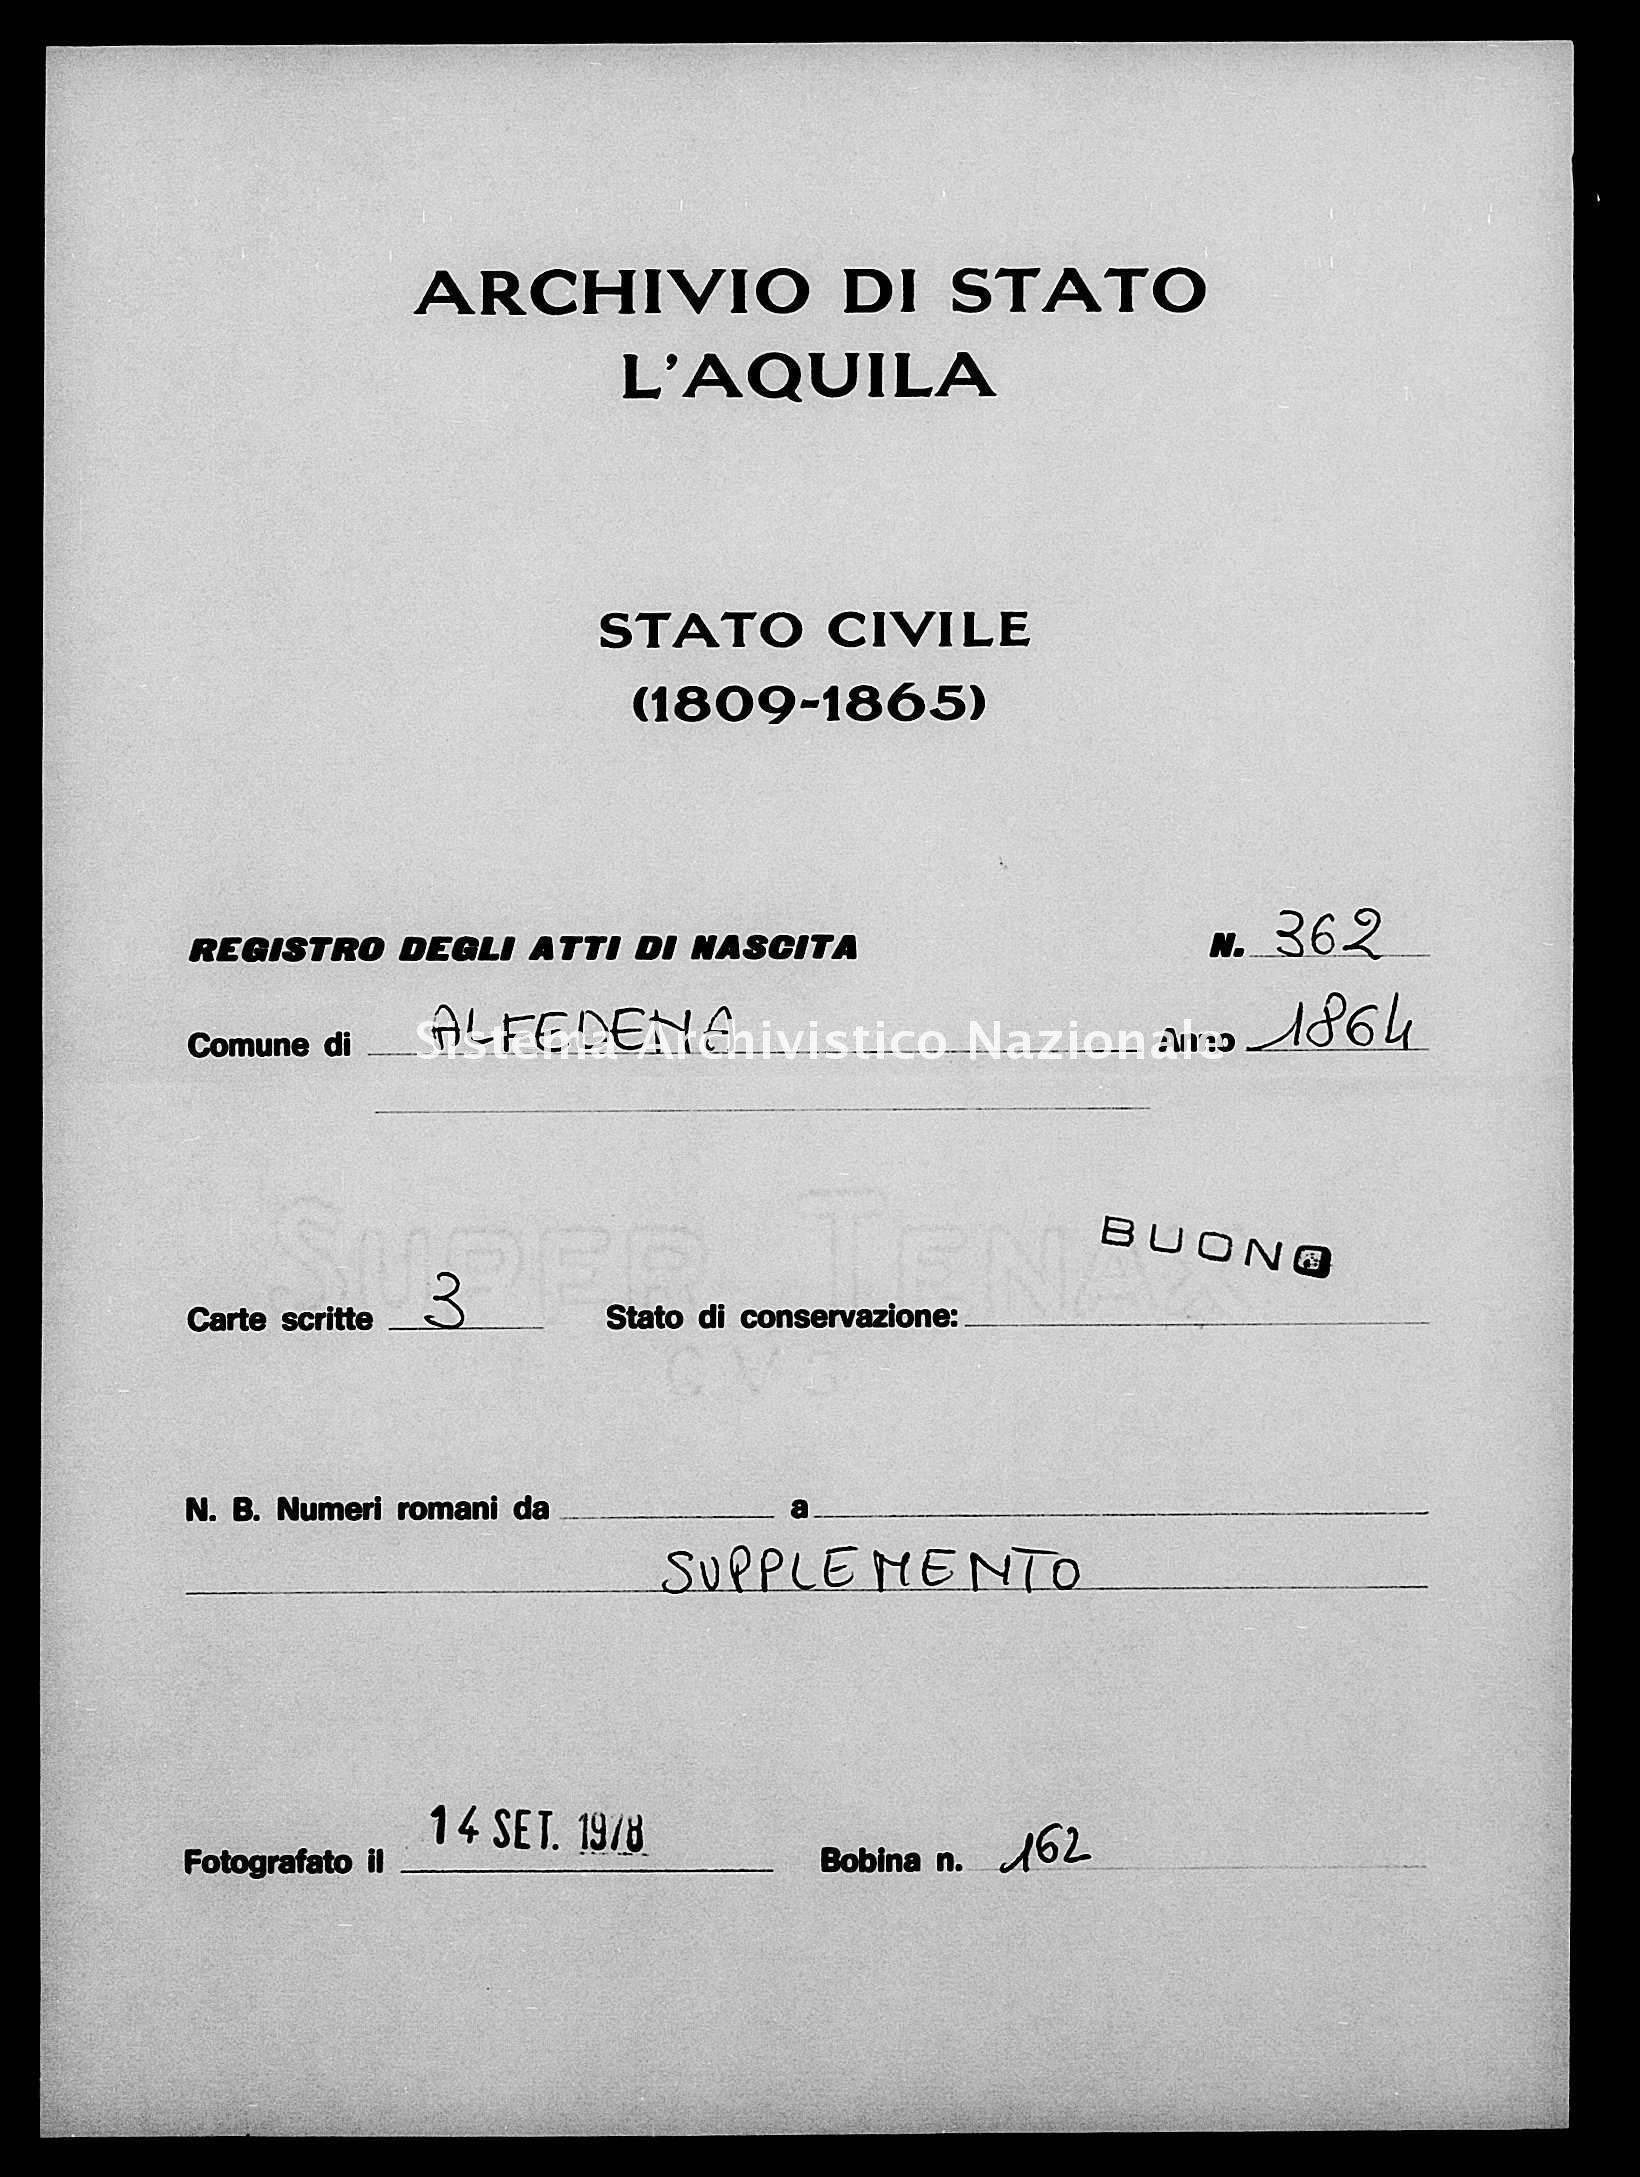 Archivio di stato di L'aquila - Stato civile italiano - Alfedena - Nati, esposti - 1864 - 362 -